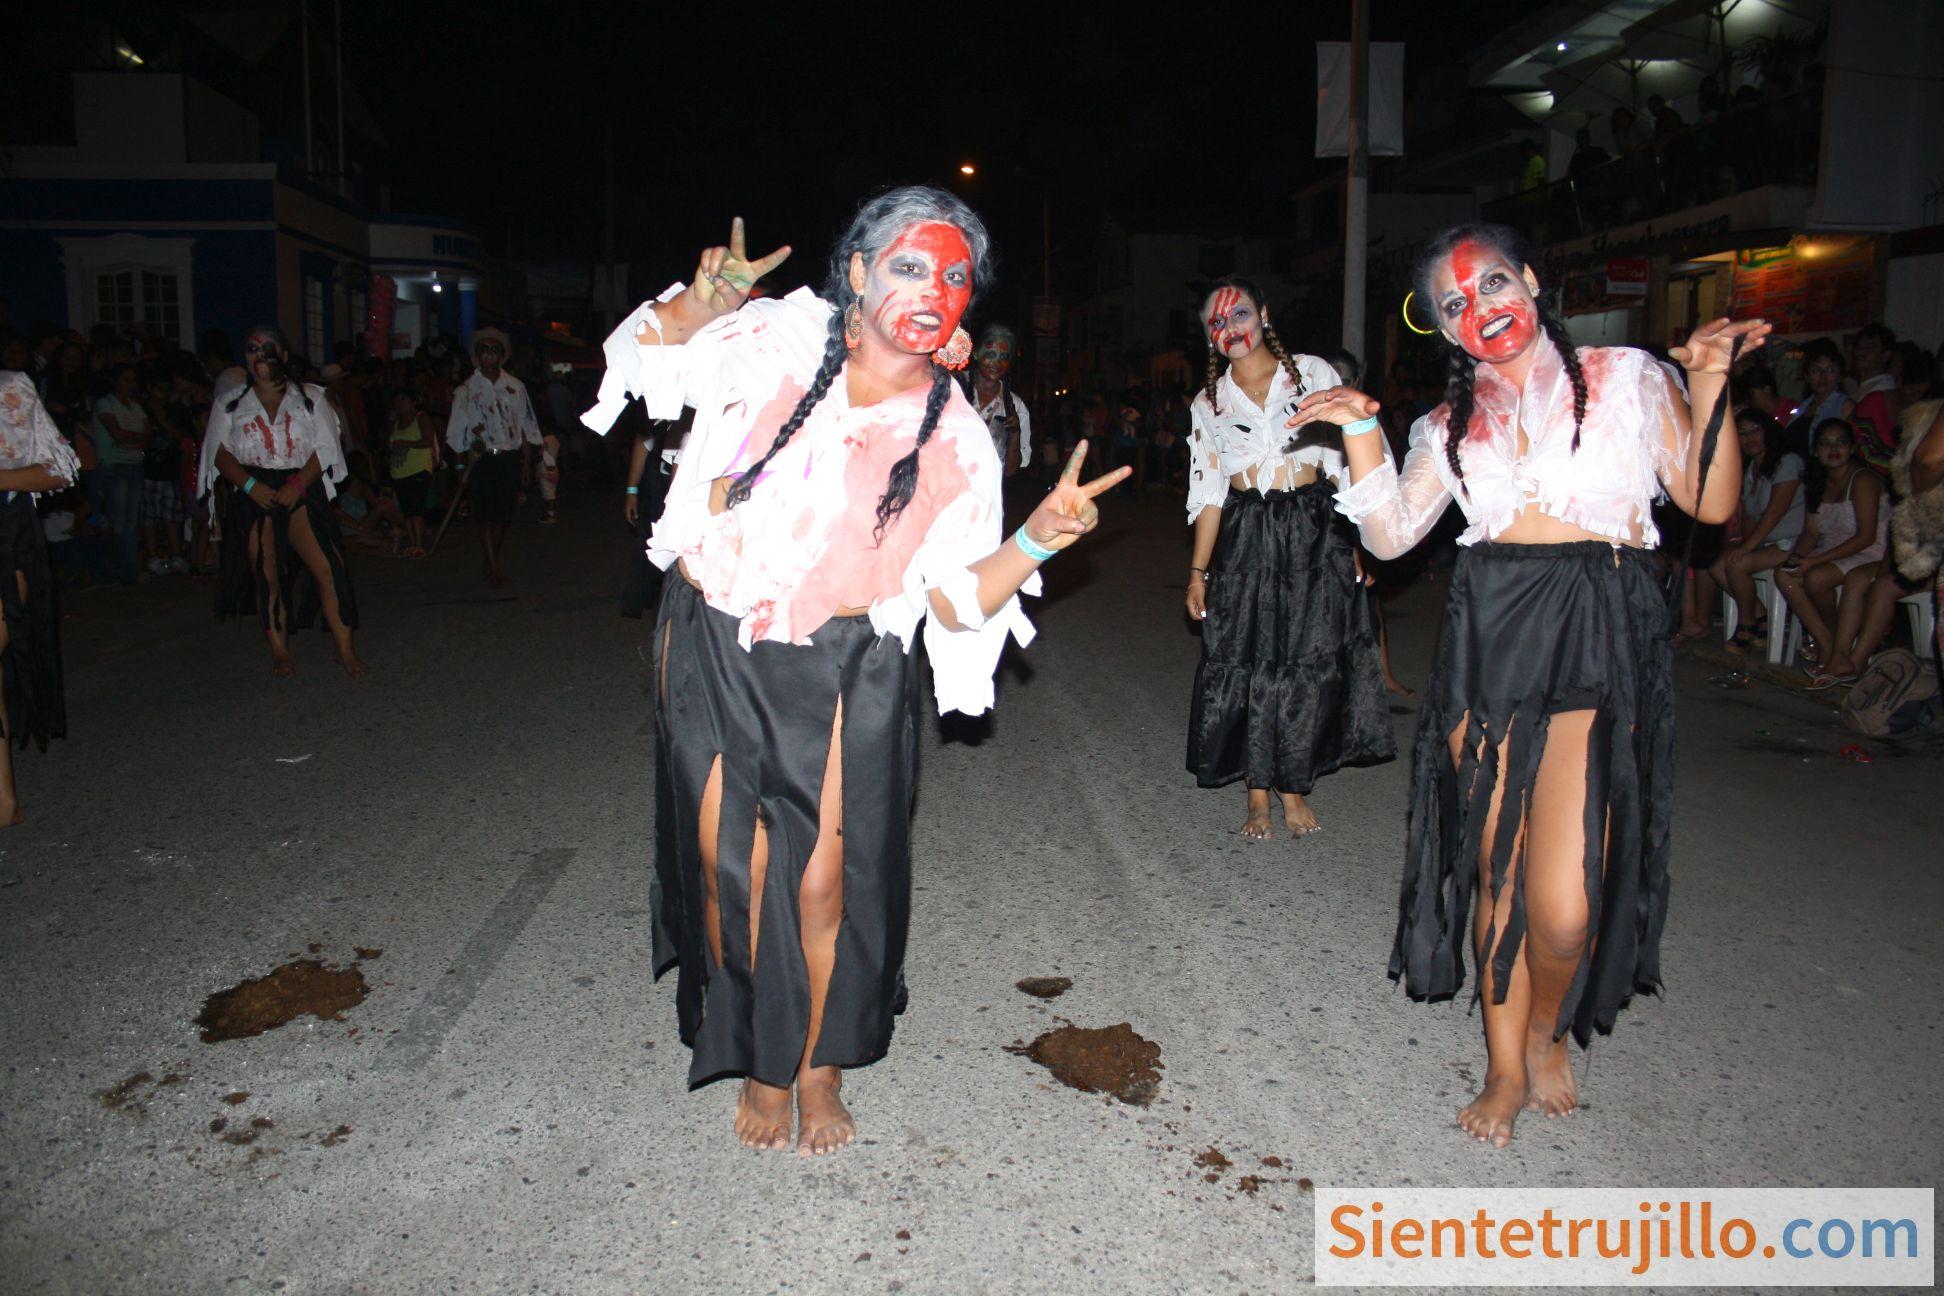 Corso Carnaval de Huanchaco